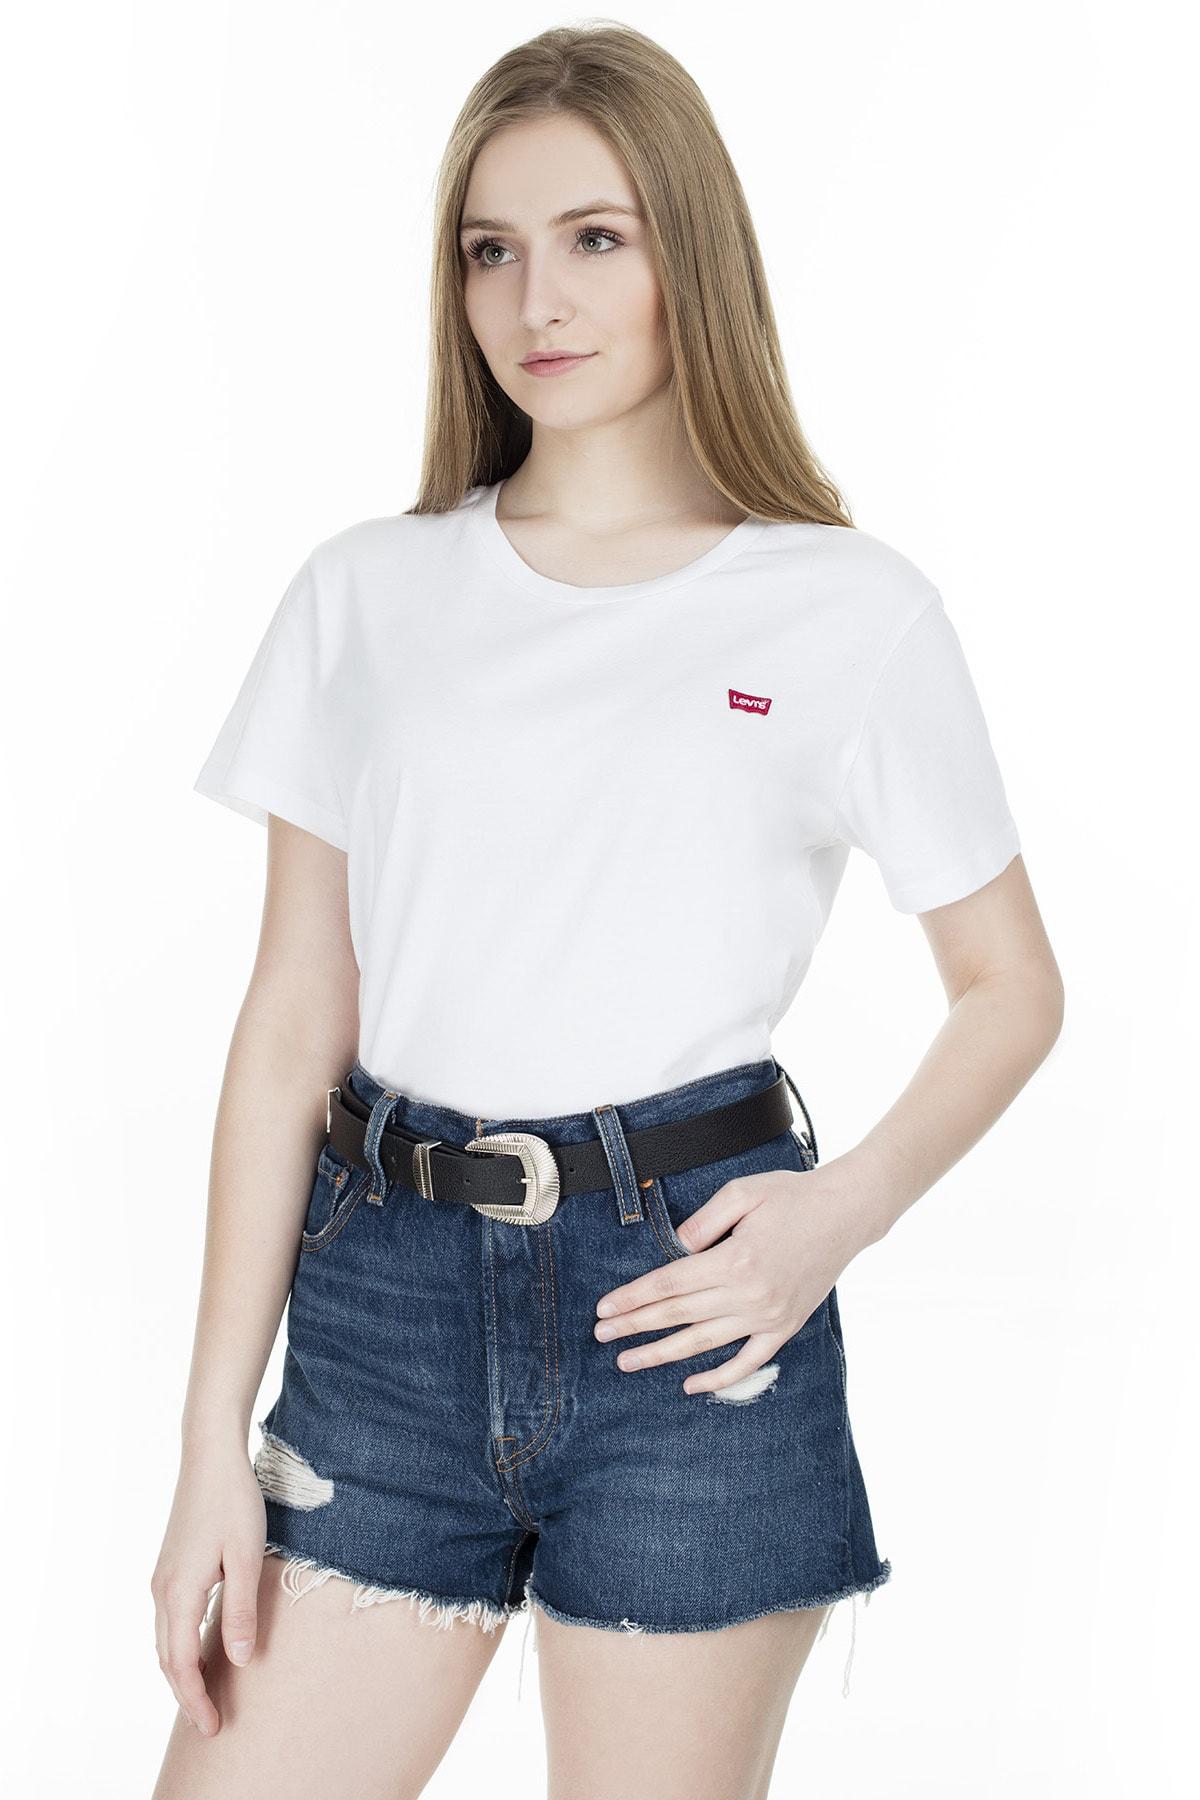 Levi's Kadın Perfect T-shirt 39185-0006 1